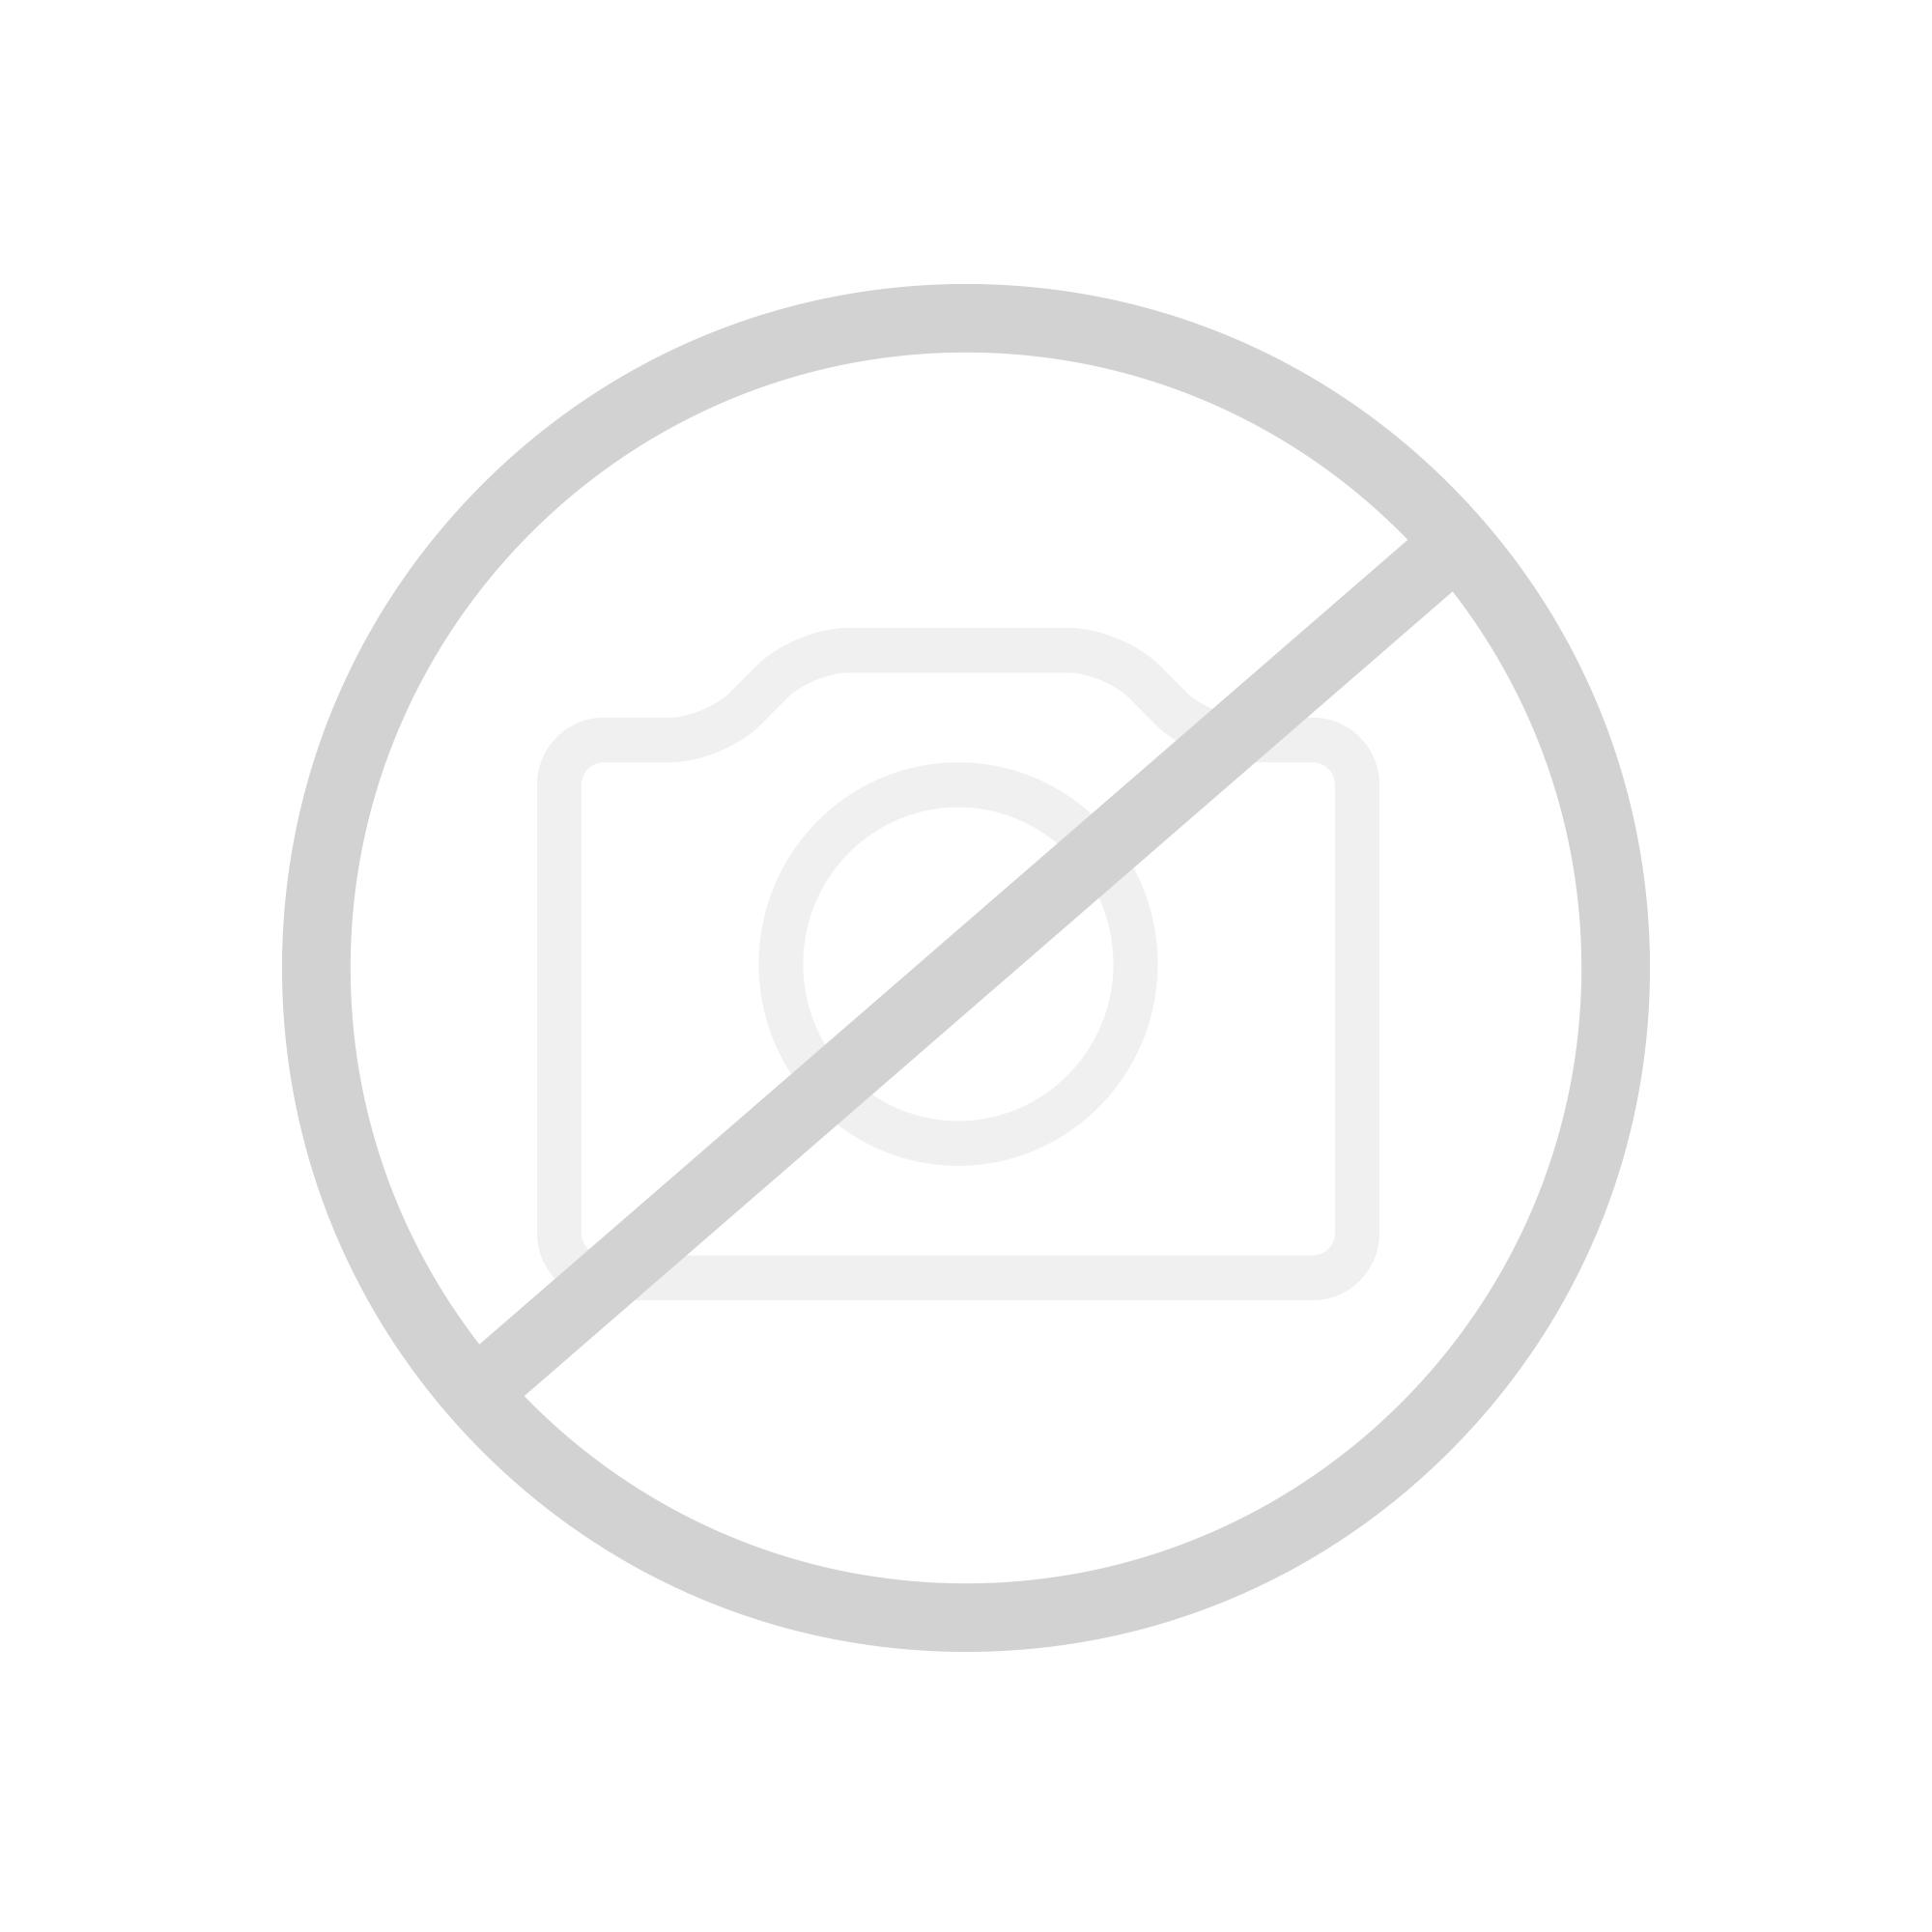 burg m bel f rs bad burgbad und kama bei reuter. Black Bedroom Furniture Sets. Home Design Ideas